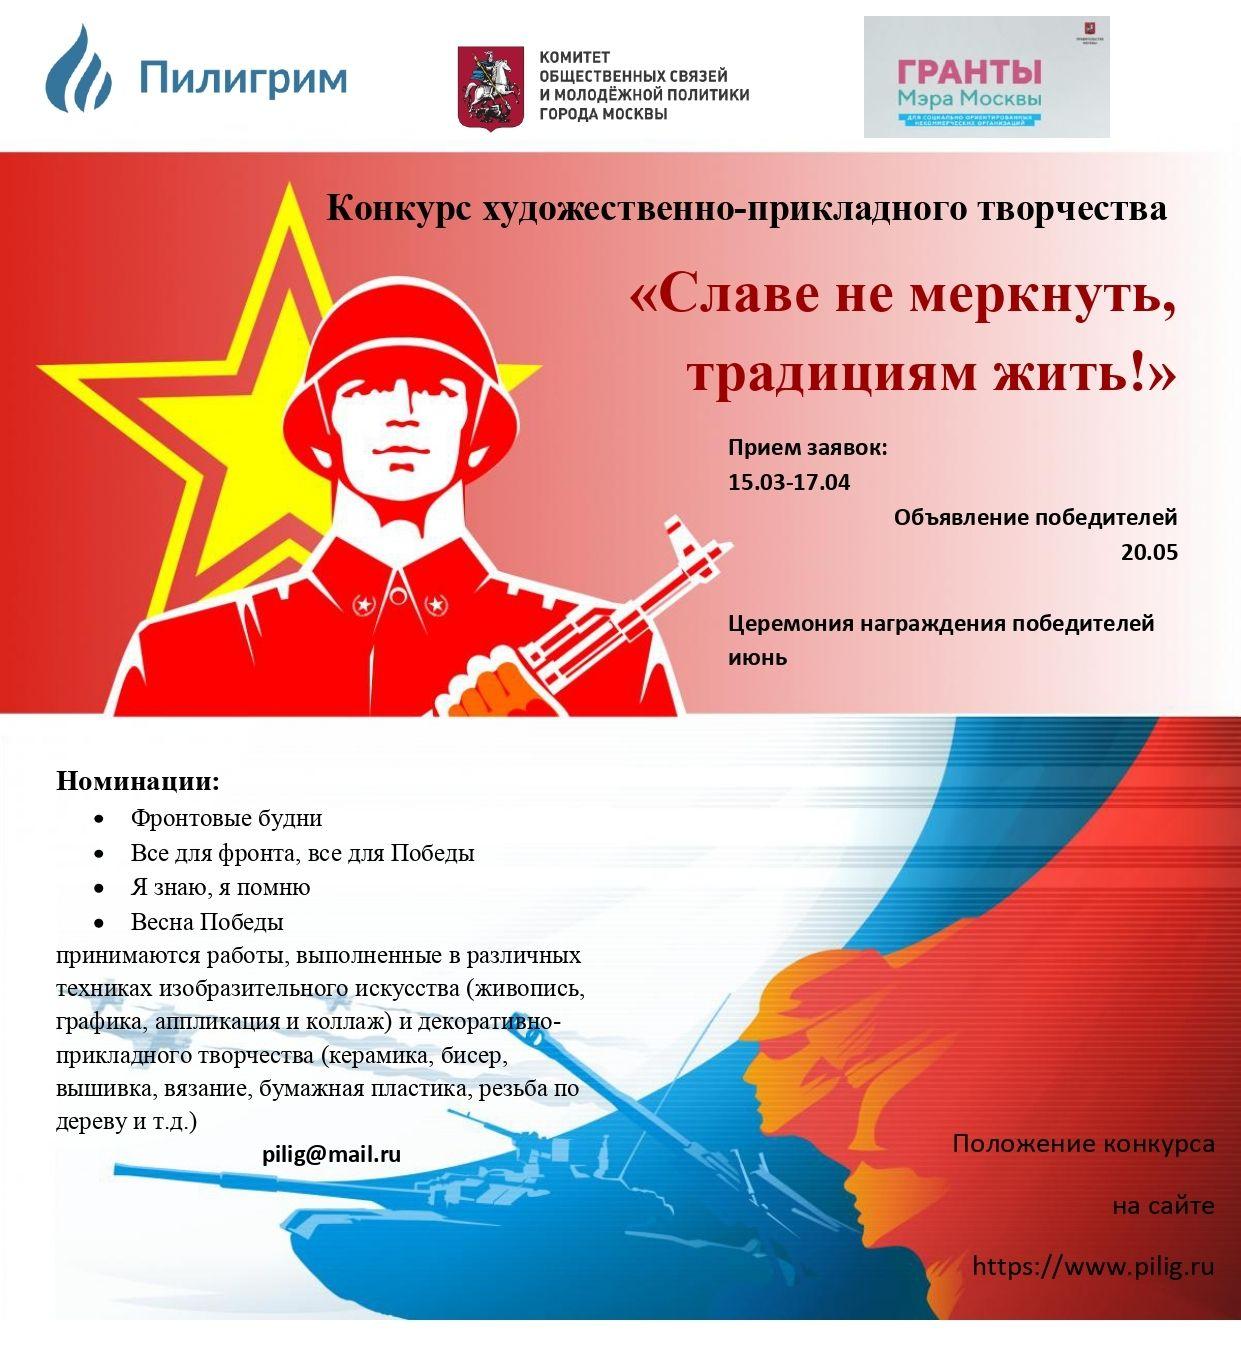 Начался прием детских работ на творческий конкурс к 75-летию Победы